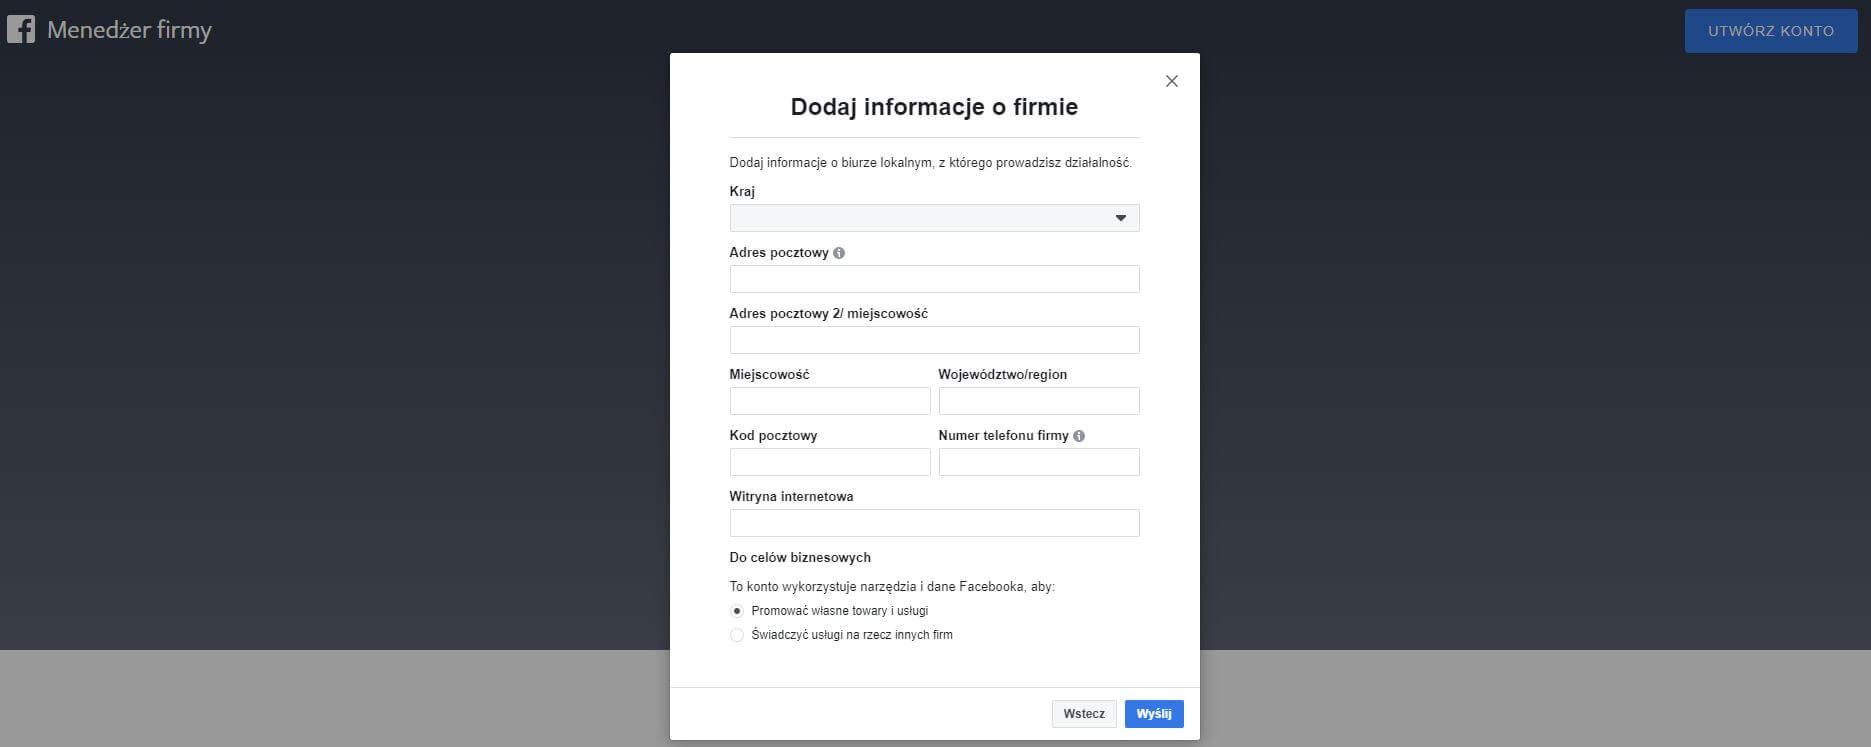 dodawanie informacji o firmie na facebooku